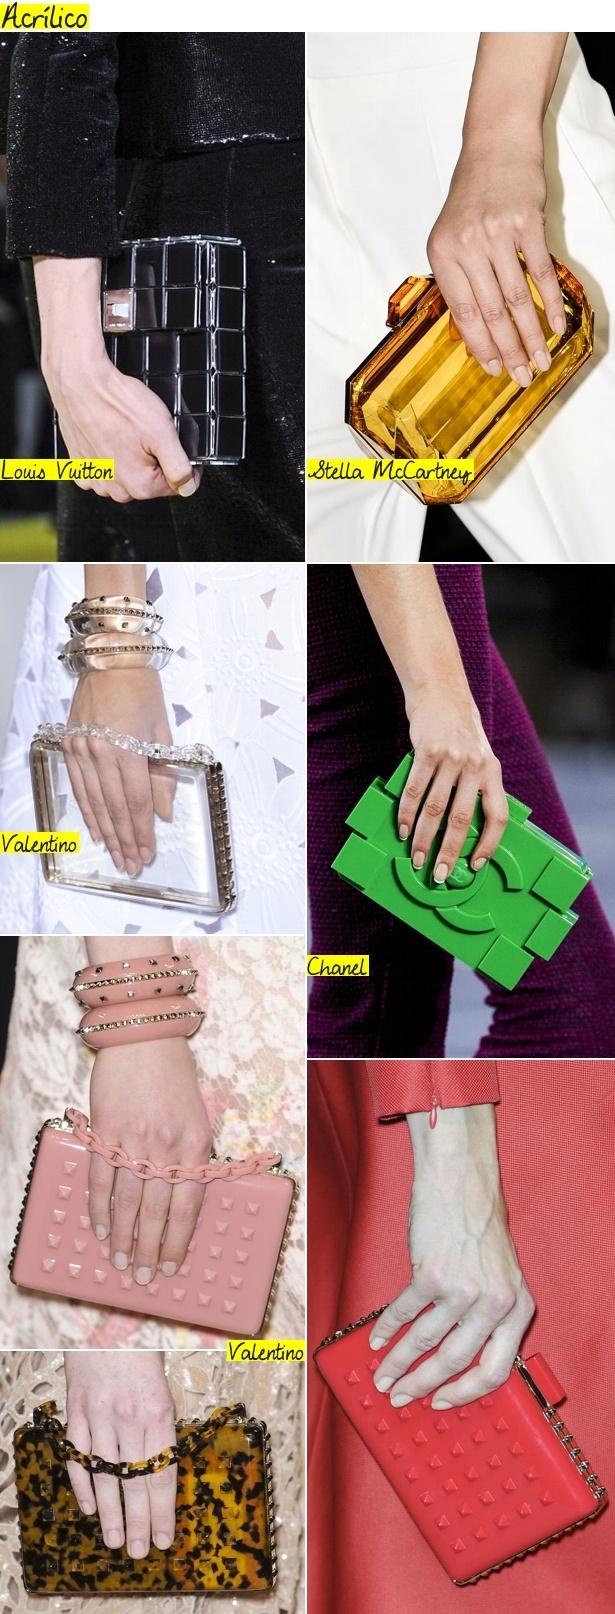 As clutches de acrílico seguem firmes e fortes. As de Valentino, com tachinhas de acrílico em alto relevo,têm tudo para bombarem!